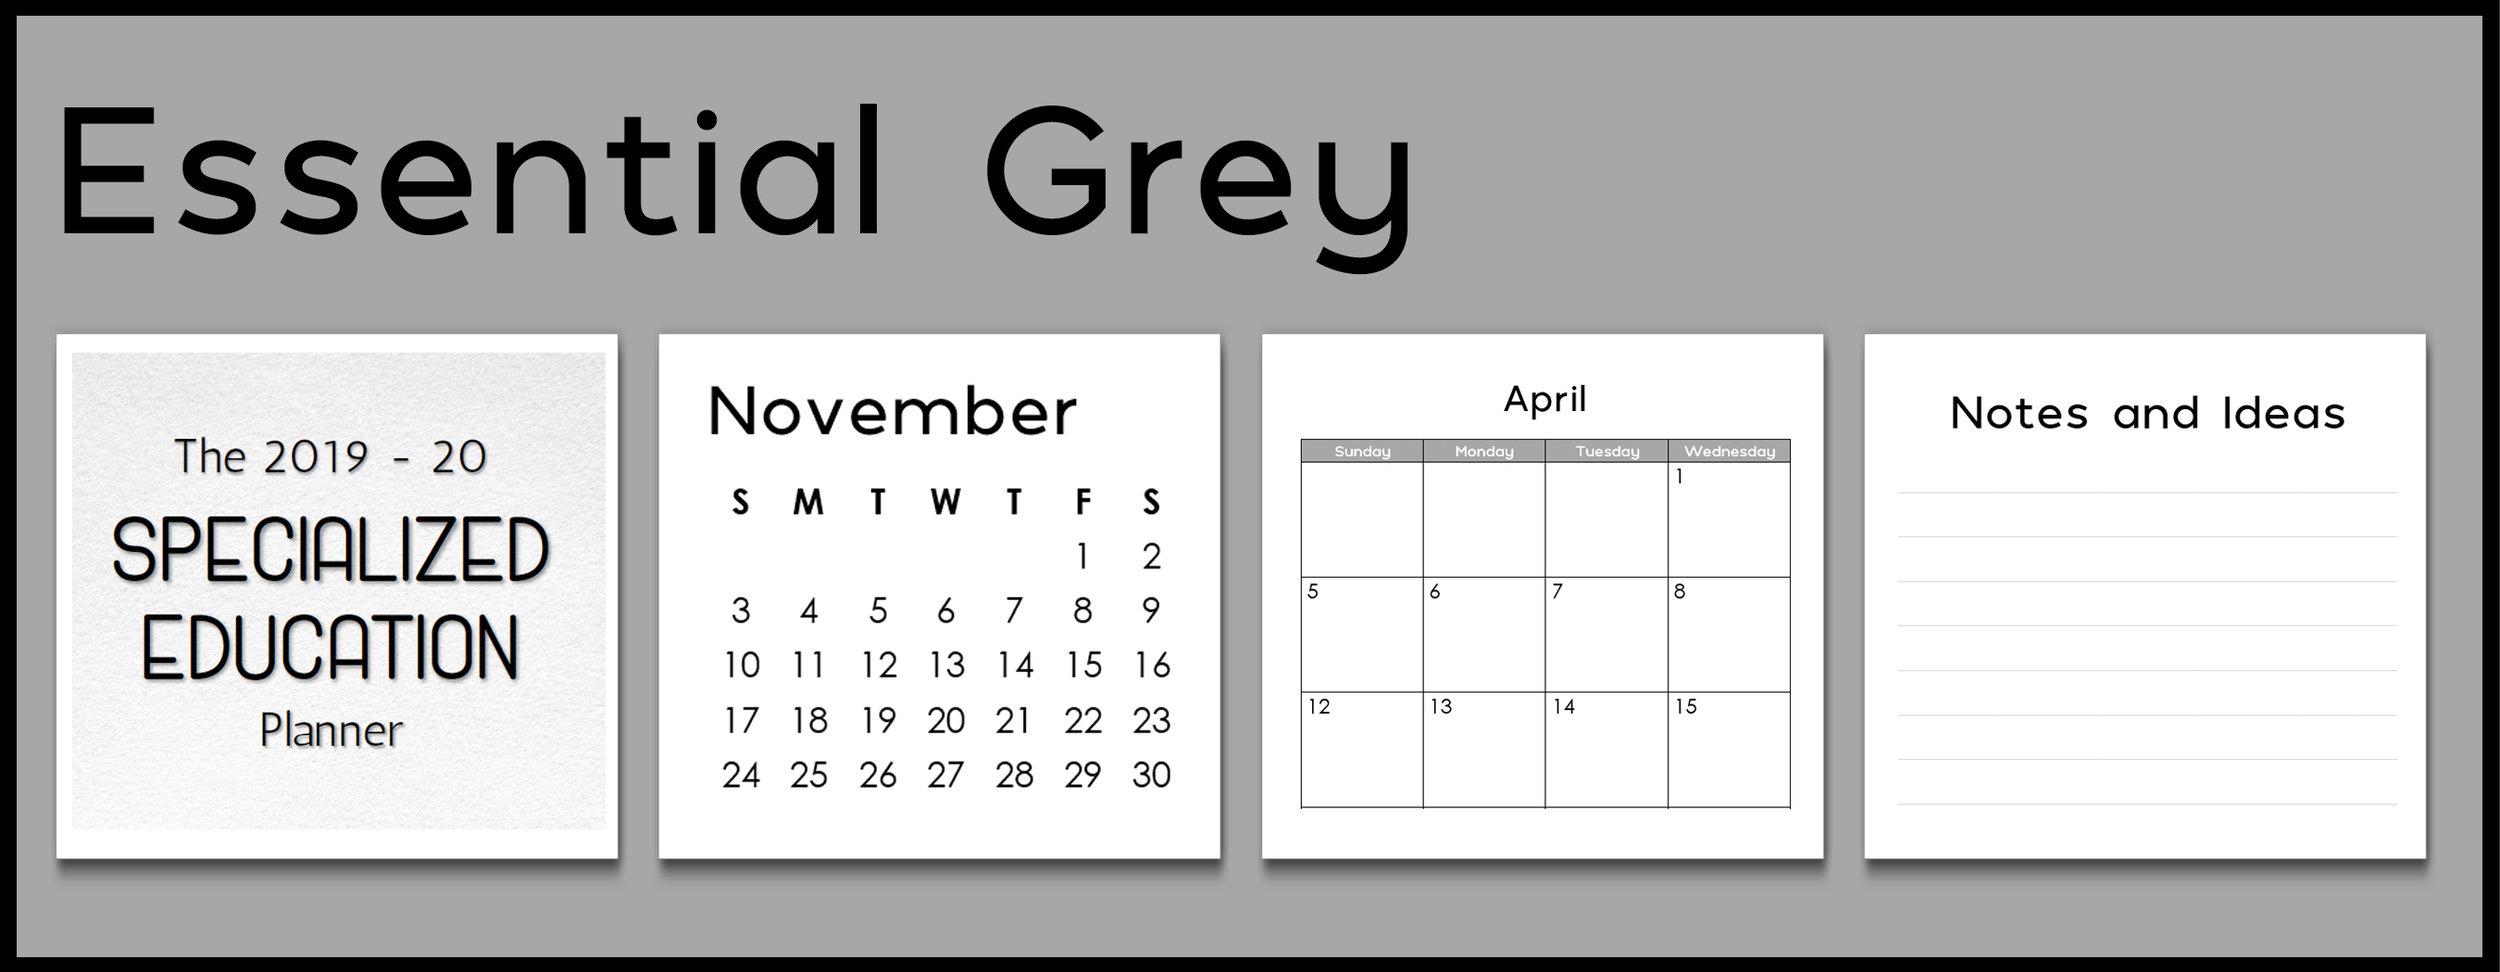 Essential Grey.jpg